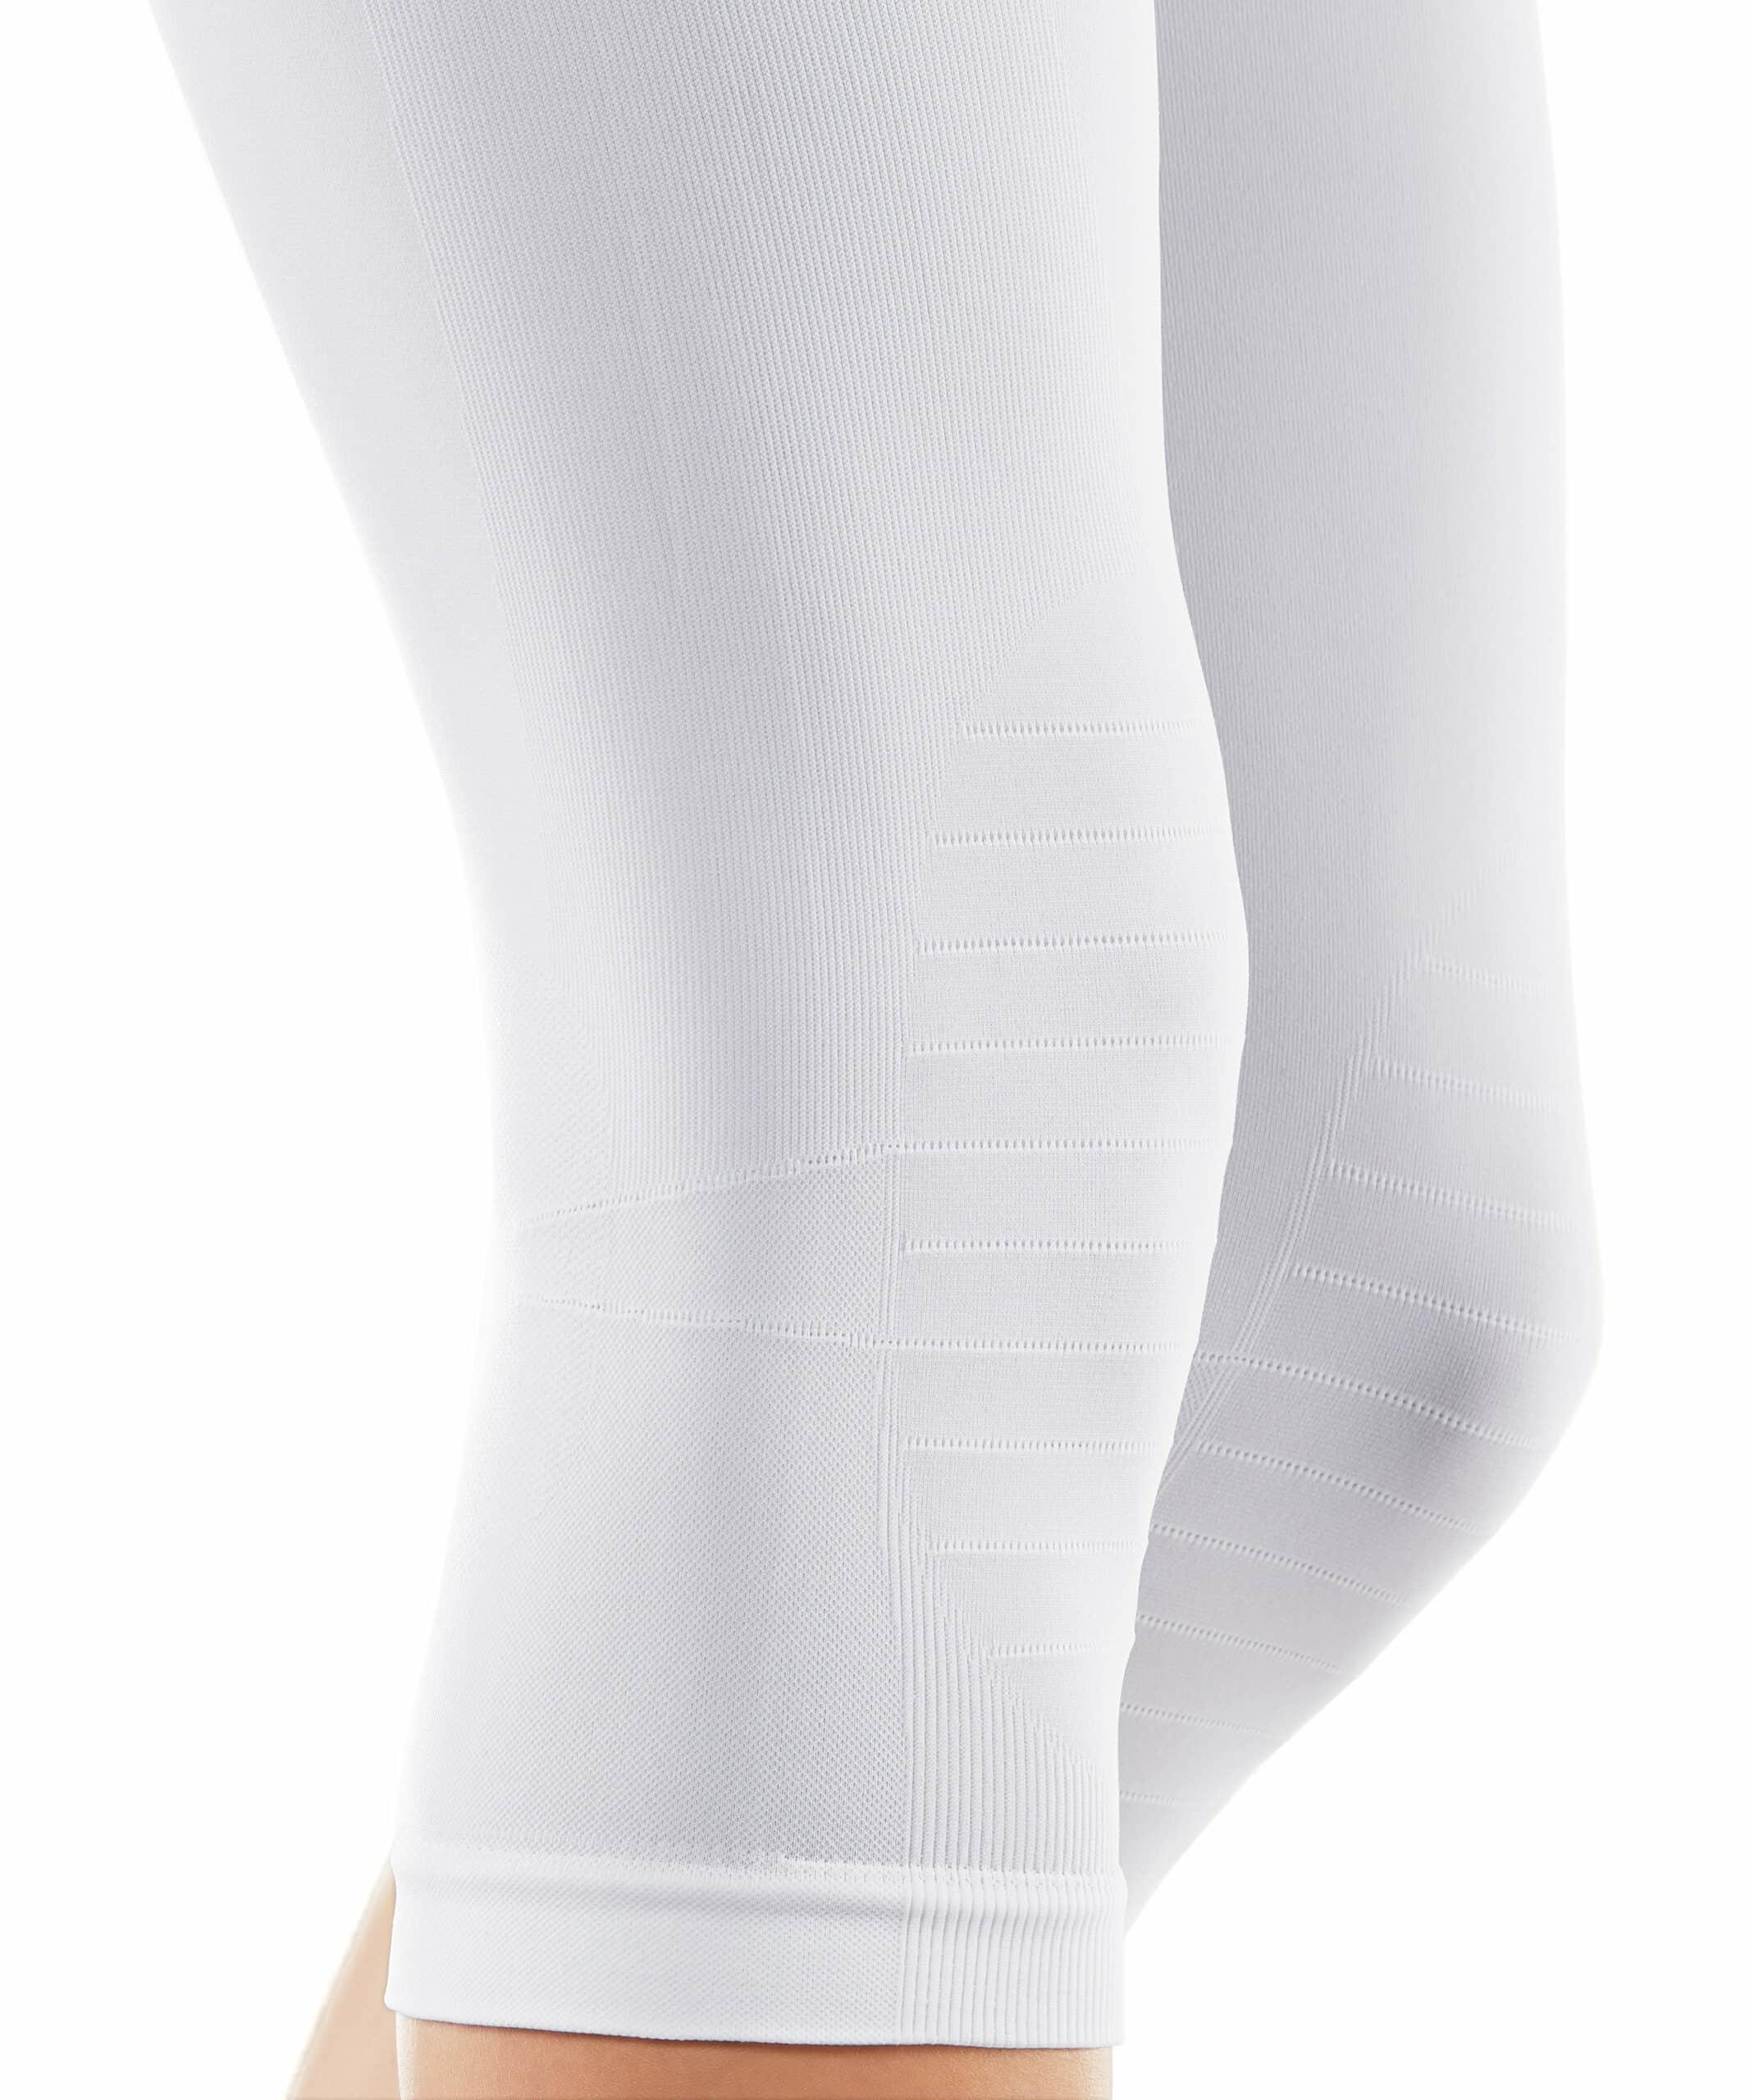 Lagerung Rack f/ür Jeans Schal Tie und Stabile S-Typ Hosen H/ängen FOCCTS 4 St/ück rutschfest Kleiderb/ügel Mehrfach-Hosenb/ügel Edelstahl Platzsparend Hosenb/ügel f/ür 5 Hosen